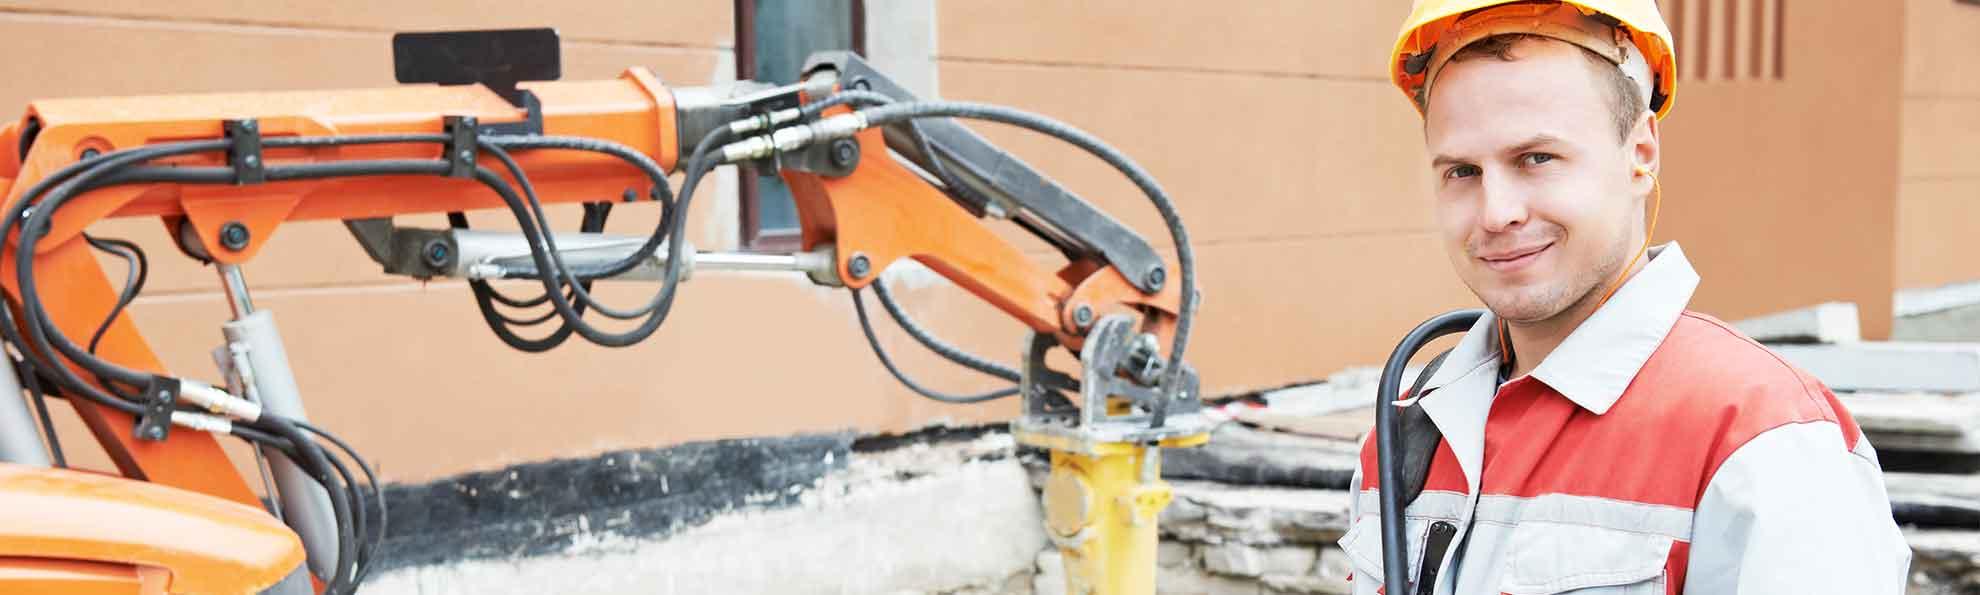 jantegel renovatie timmerwerk tegelwerk